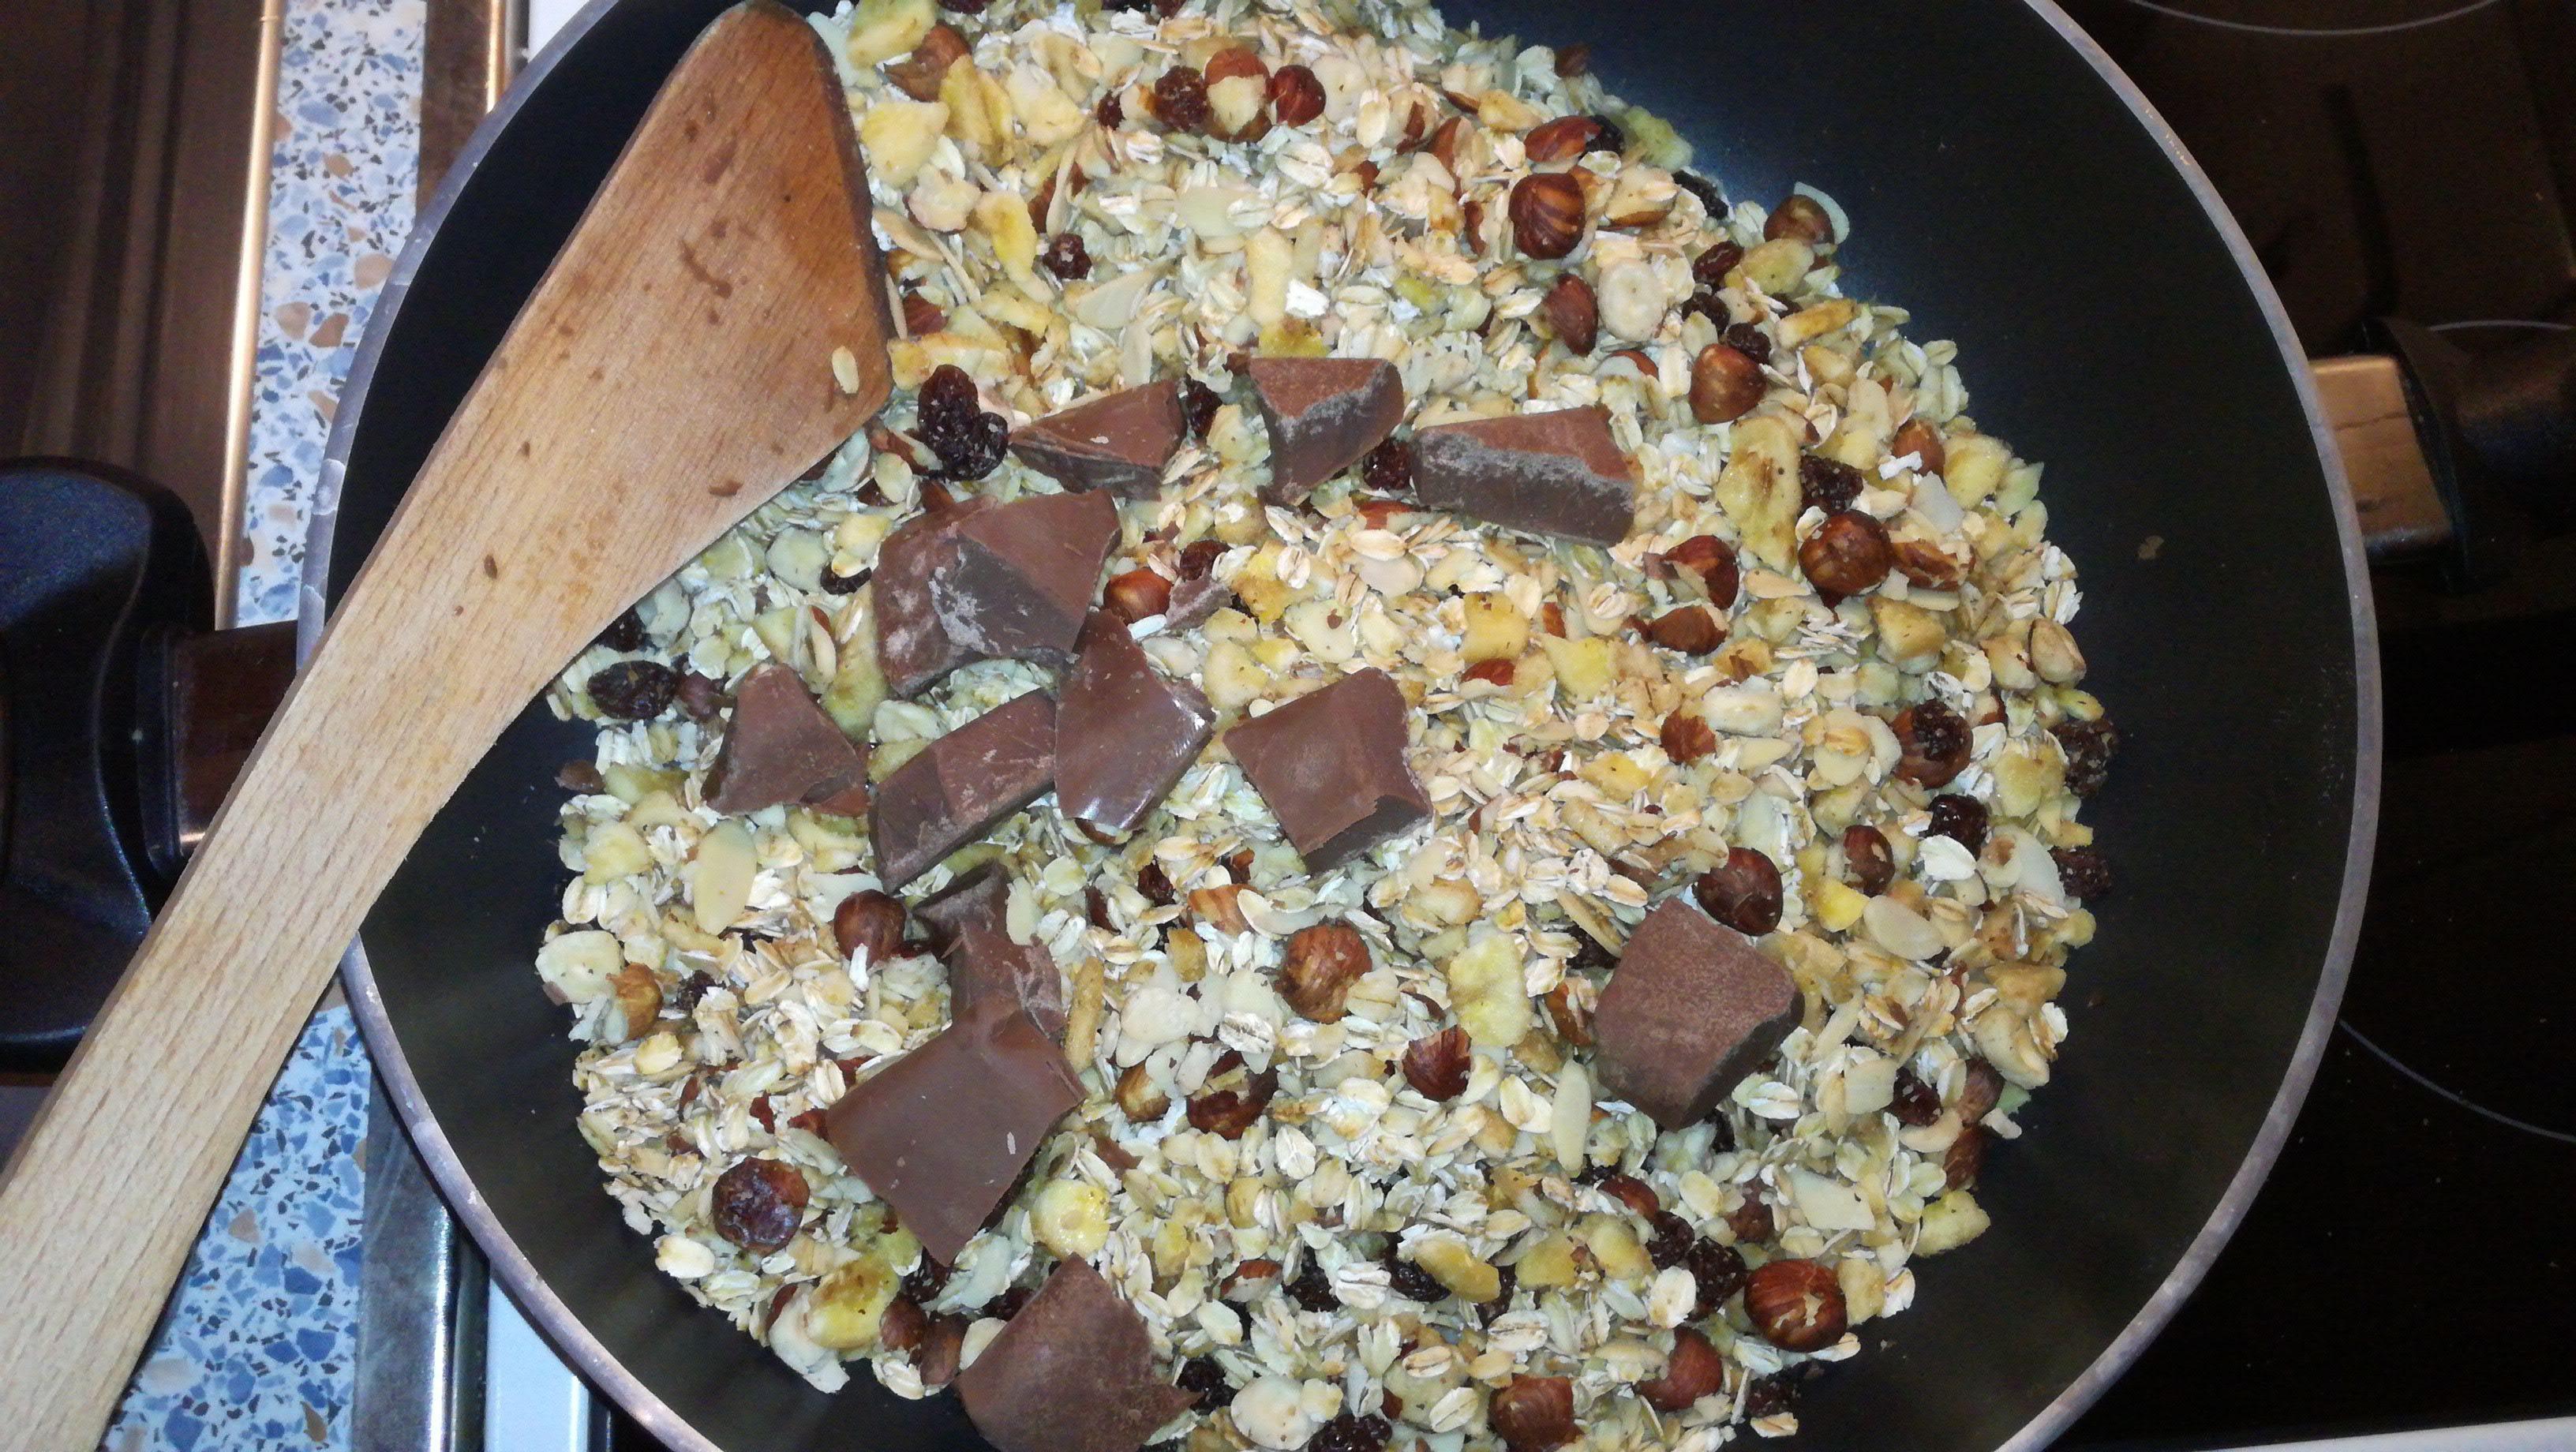 Přidání čokolády